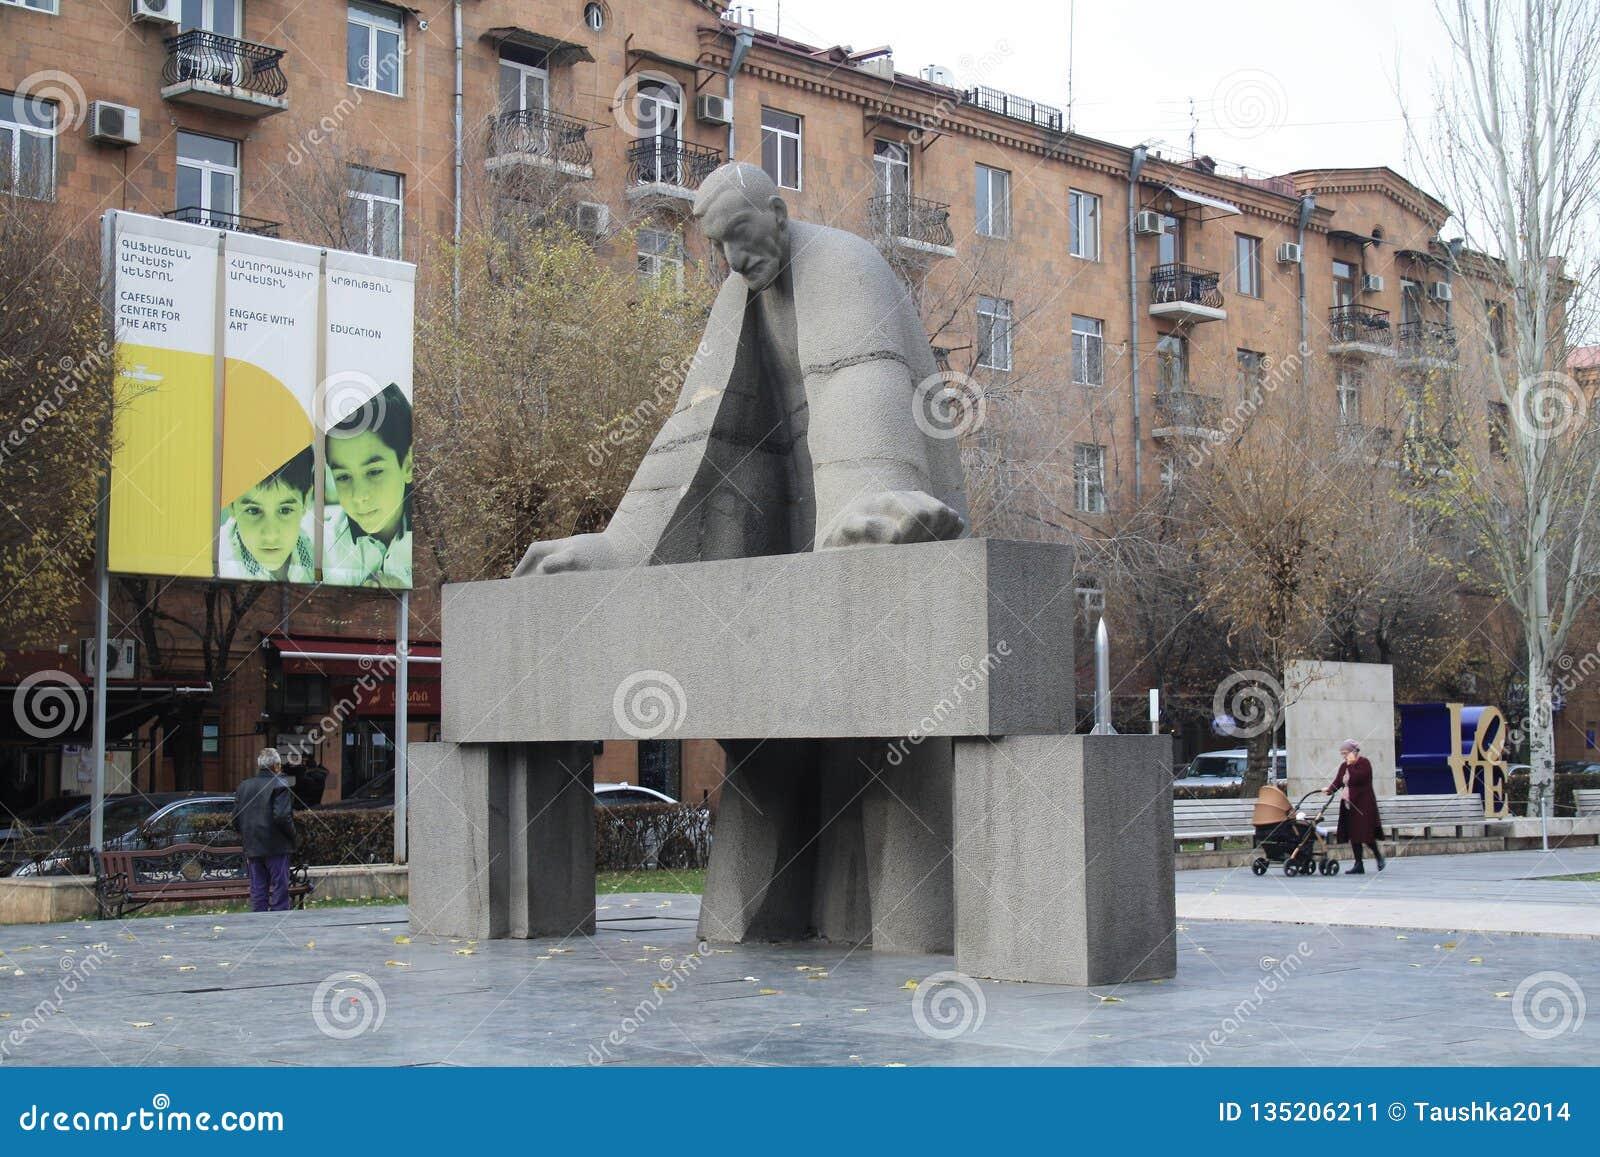 Eriwan Armenien 4 Dezember 2018 Ansicht Uber Kaskadentreppe Und Tamanyan Park Redaktionelles Foto Bild Von Uber Armenien 135206211